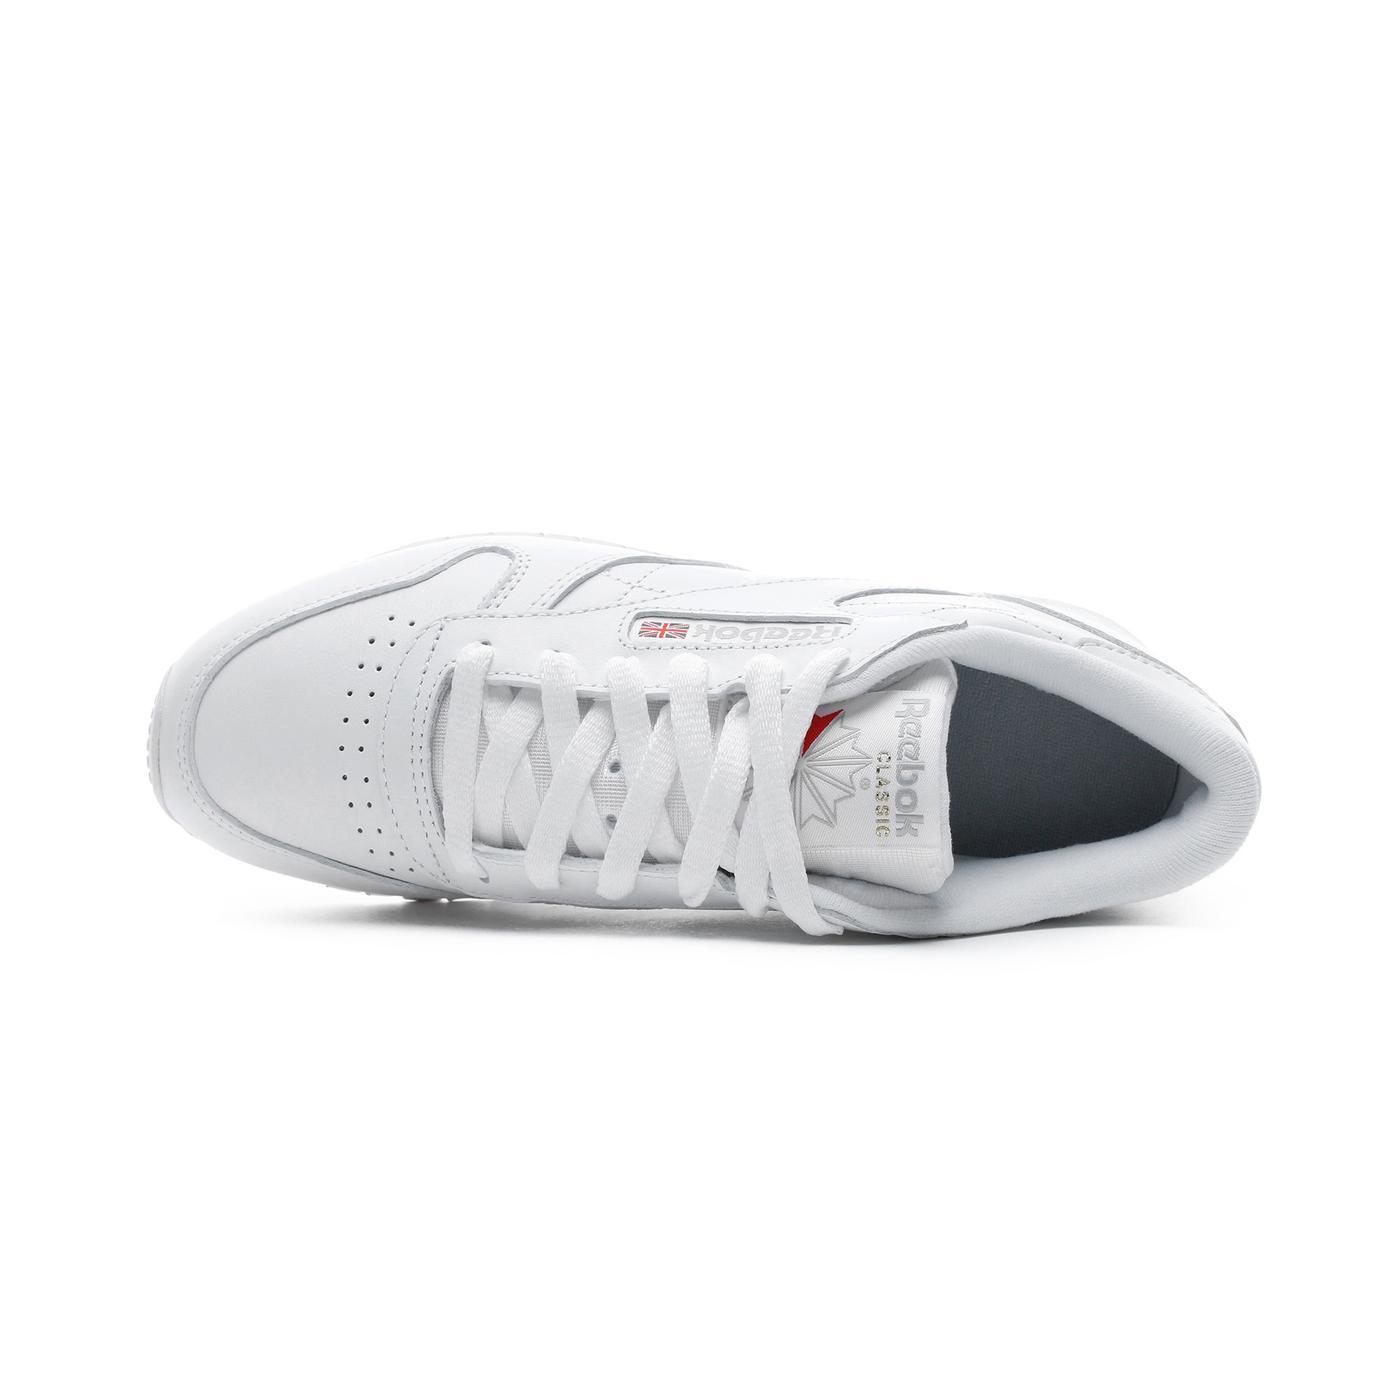 Reebok Classic Leather Kadın Beyaz Spor Ayakkabı